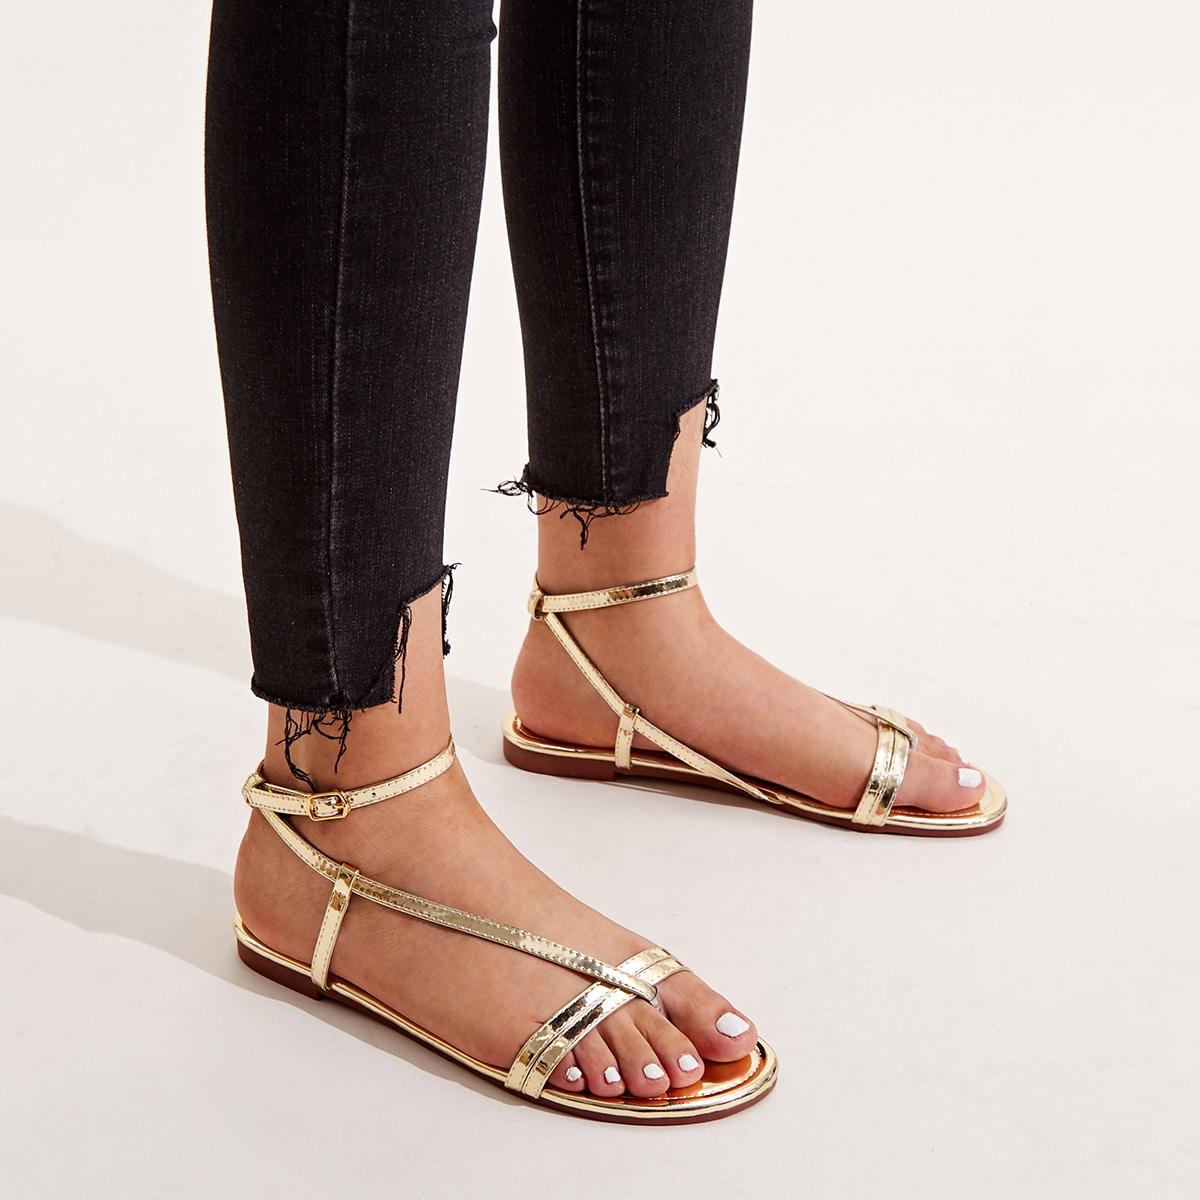 Metallic enkel sandalen